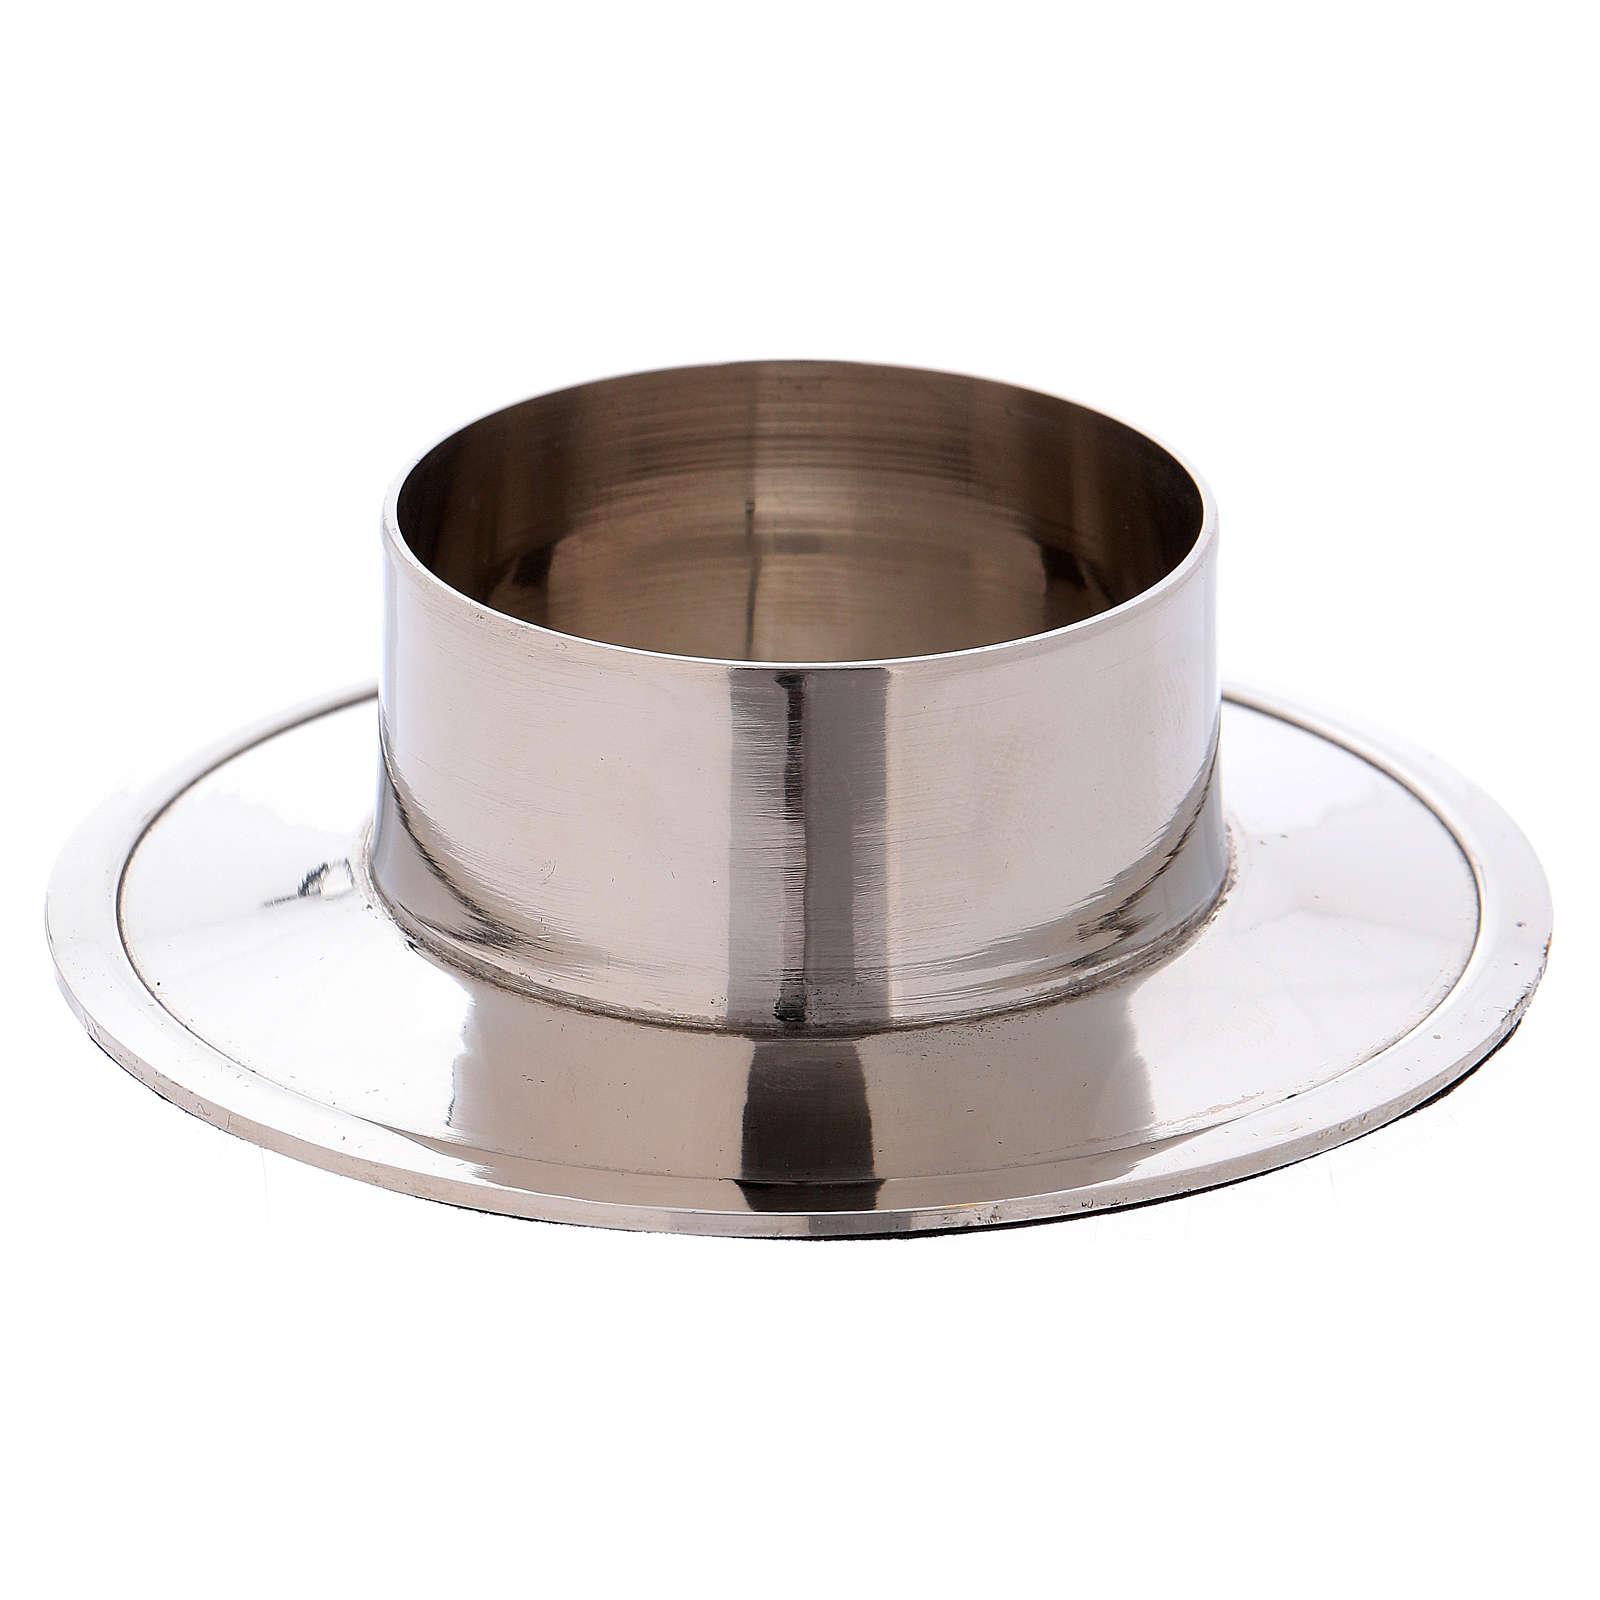 Portacandele in alluminio nichelato lucido interno 5 cm 4